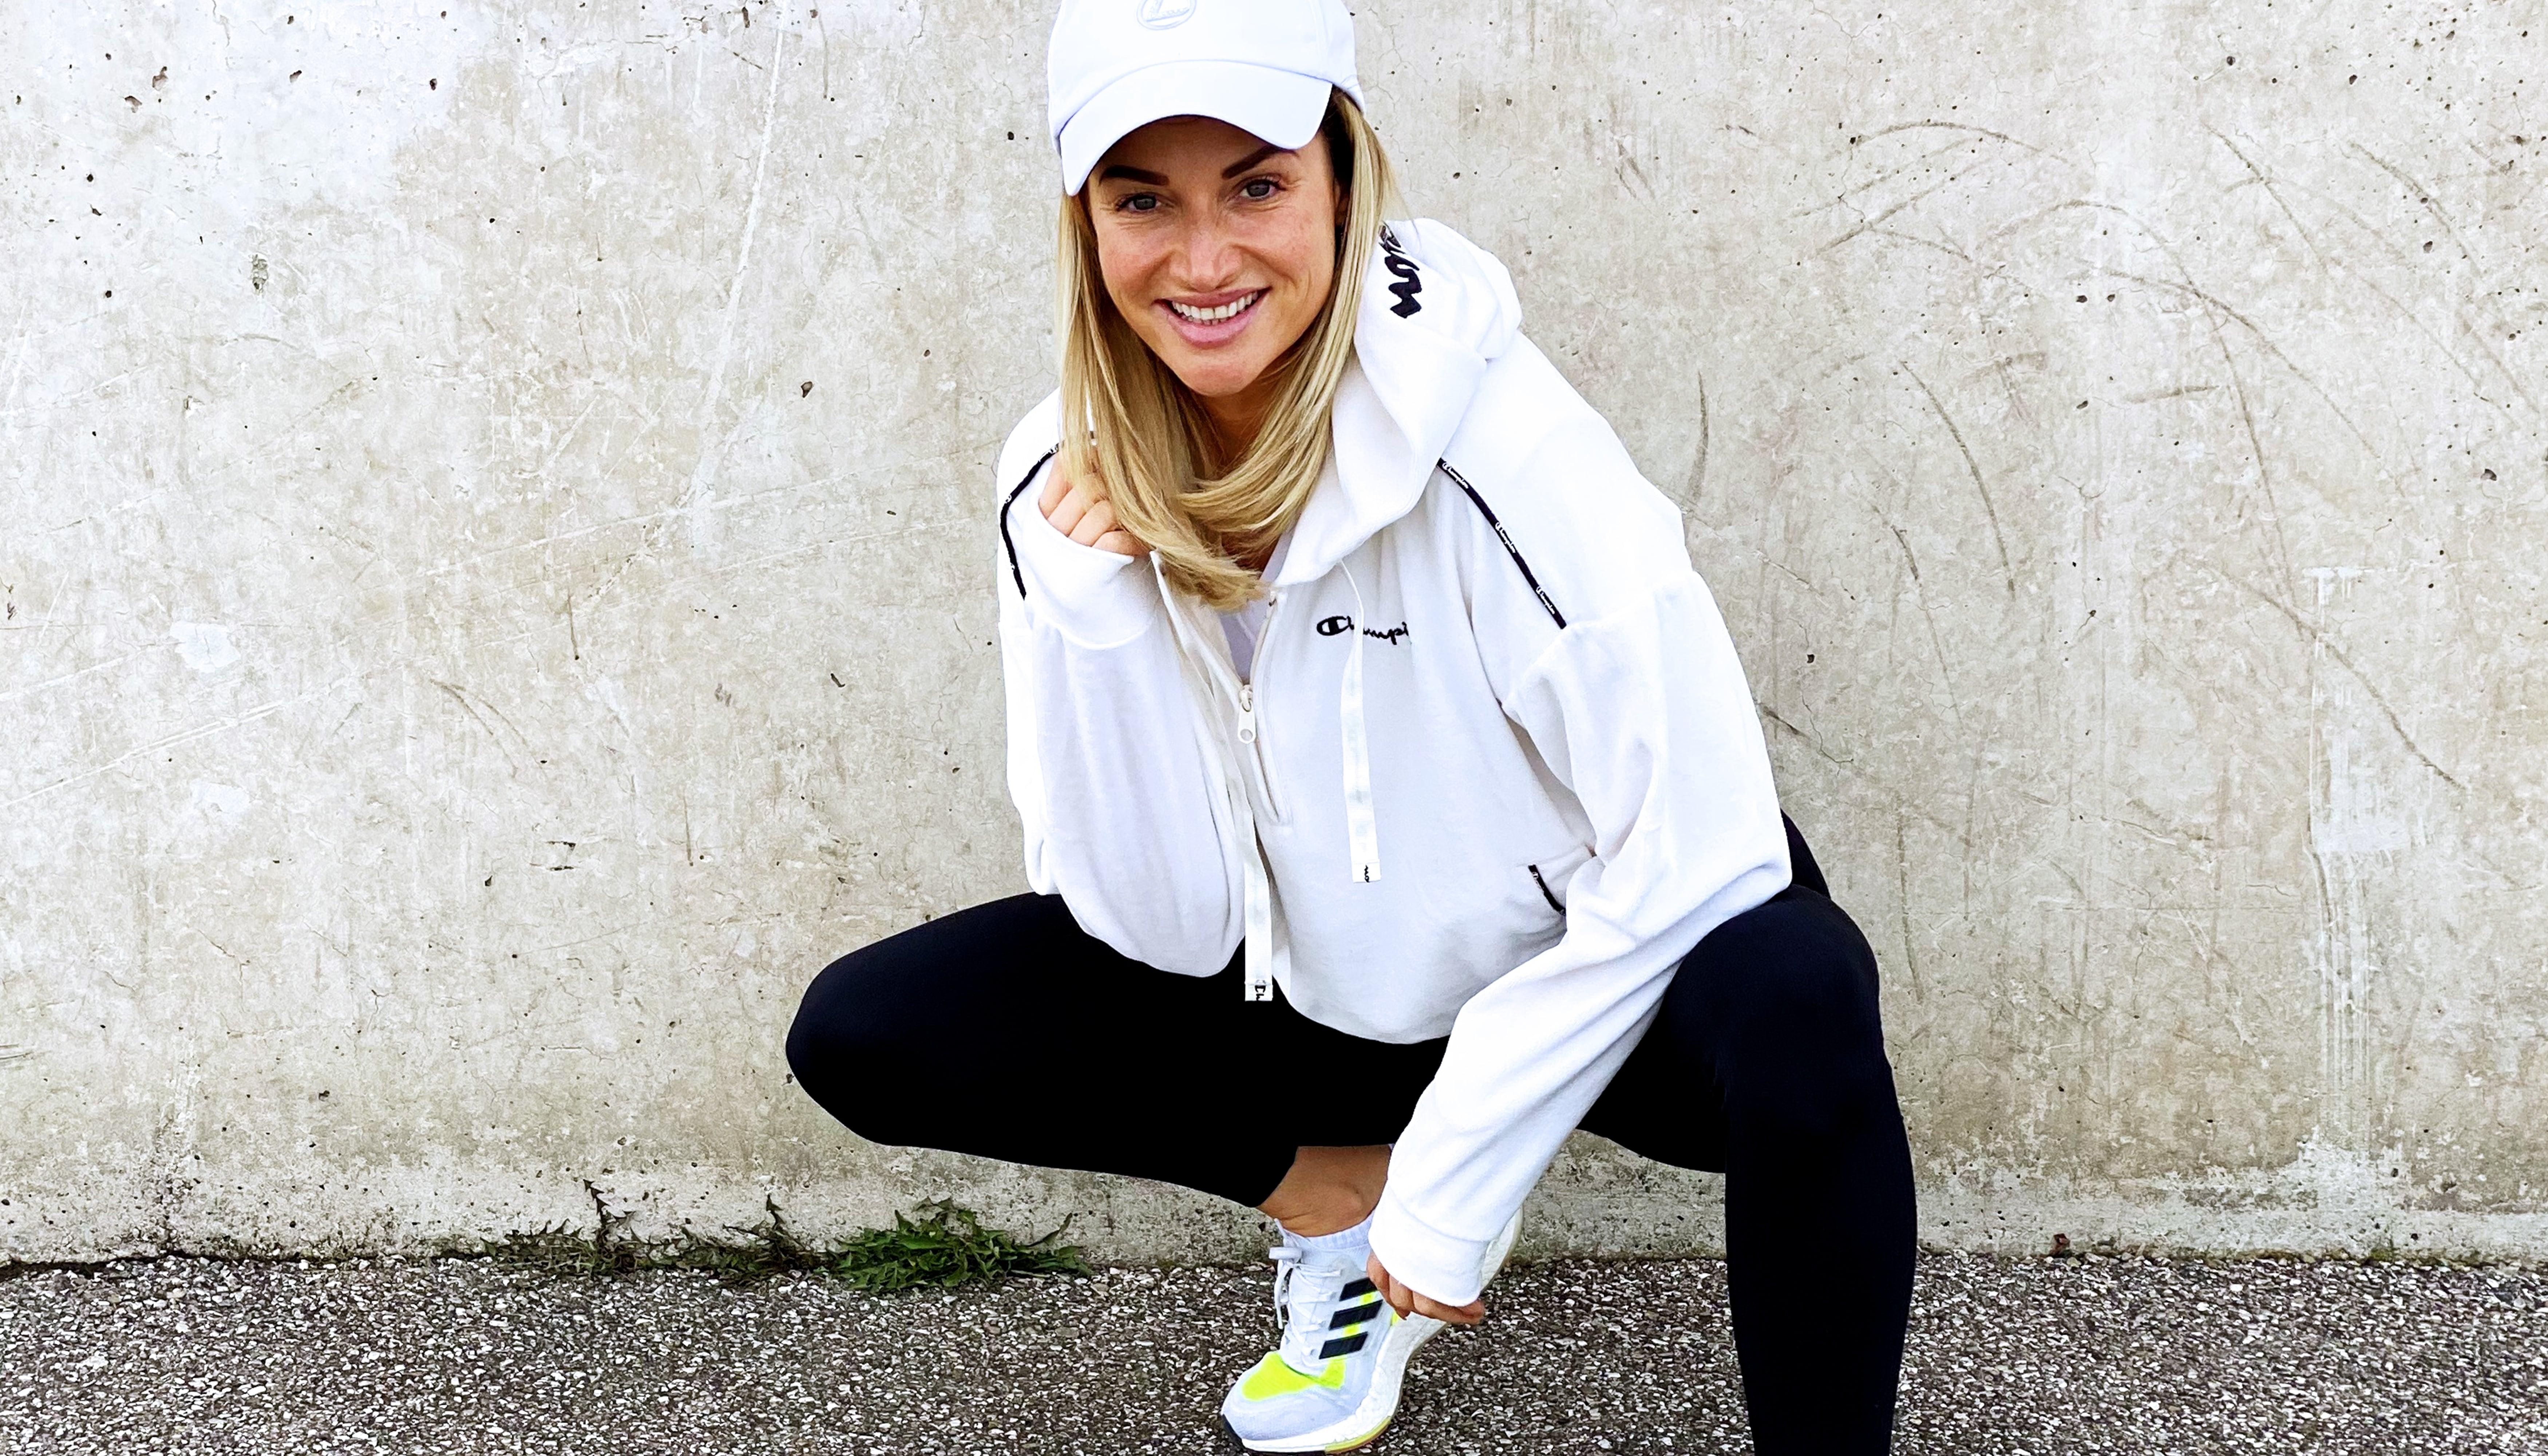 Schweinehund überwinden! City Outlet Blog Magdalena Henkel menafit Sportoutfit